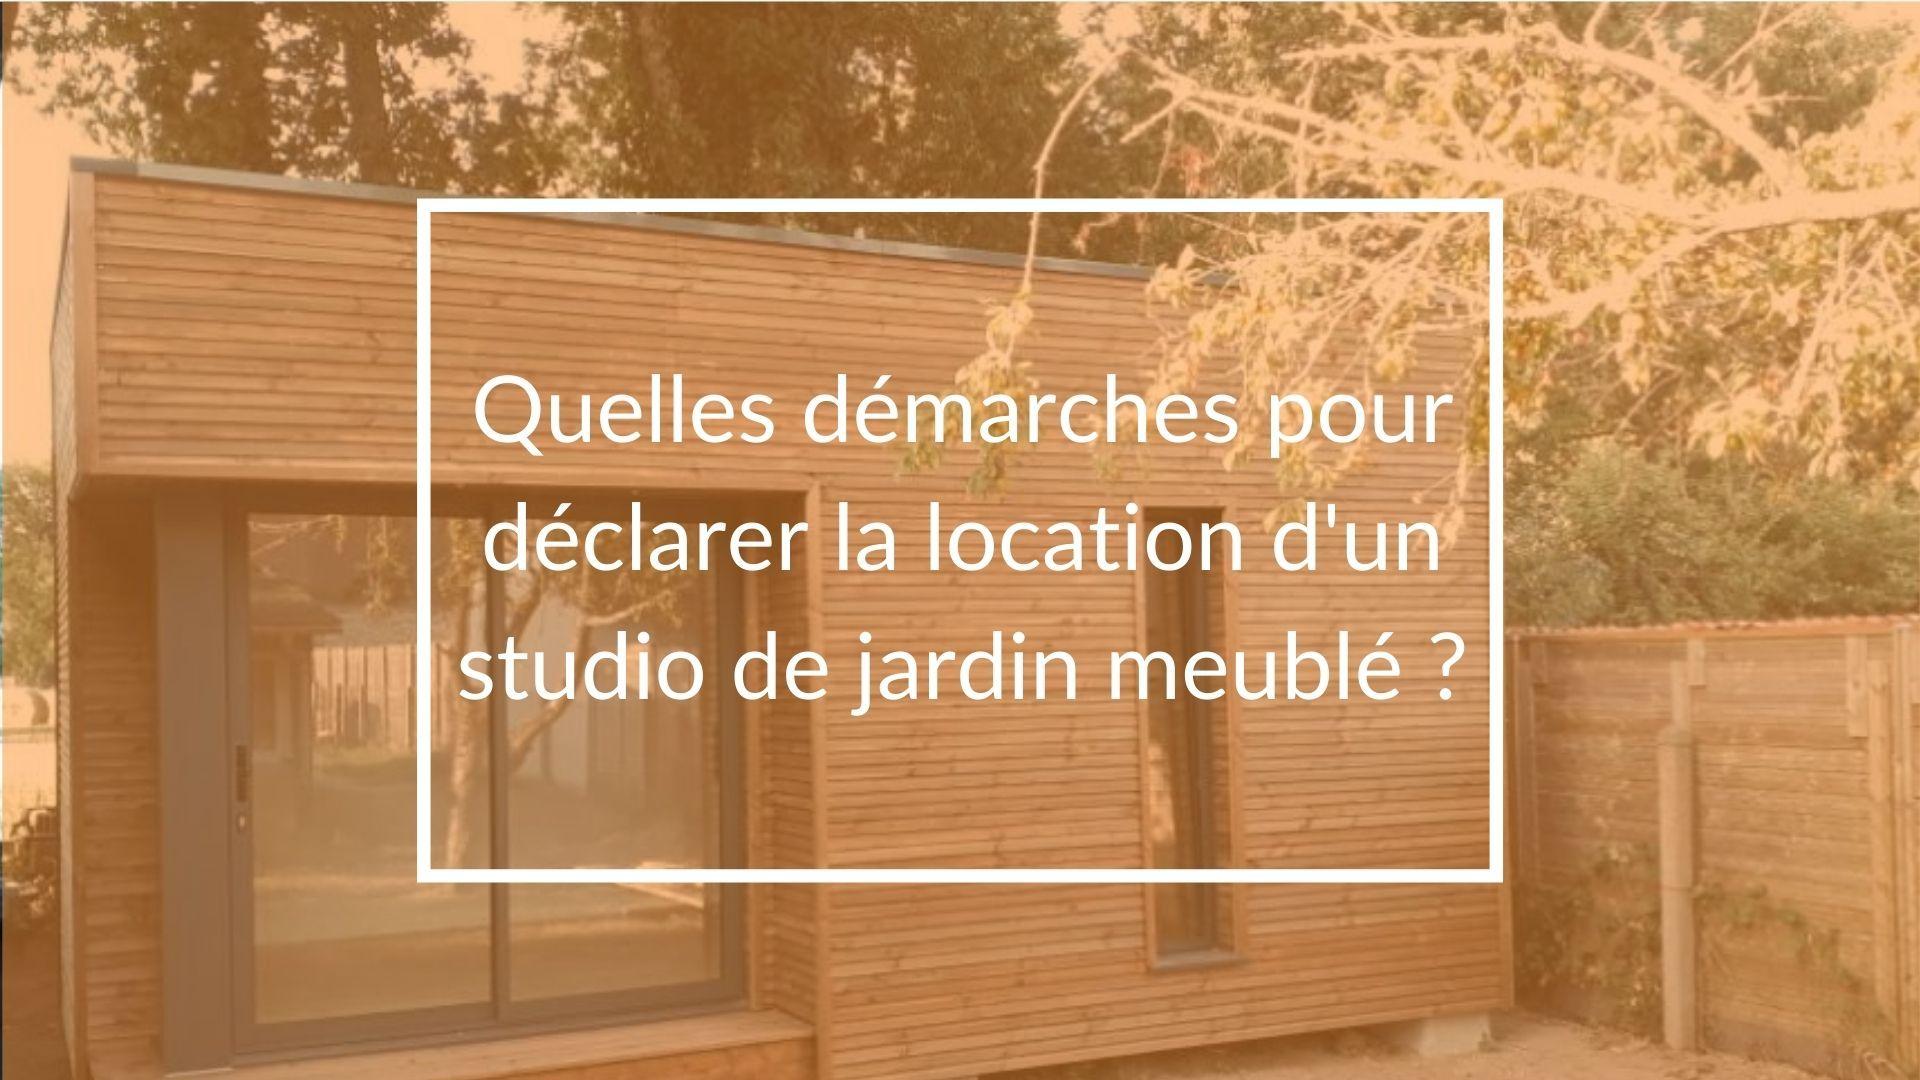 Quelles démarches pour déclarer la location d'un studio de jardin meublé ?